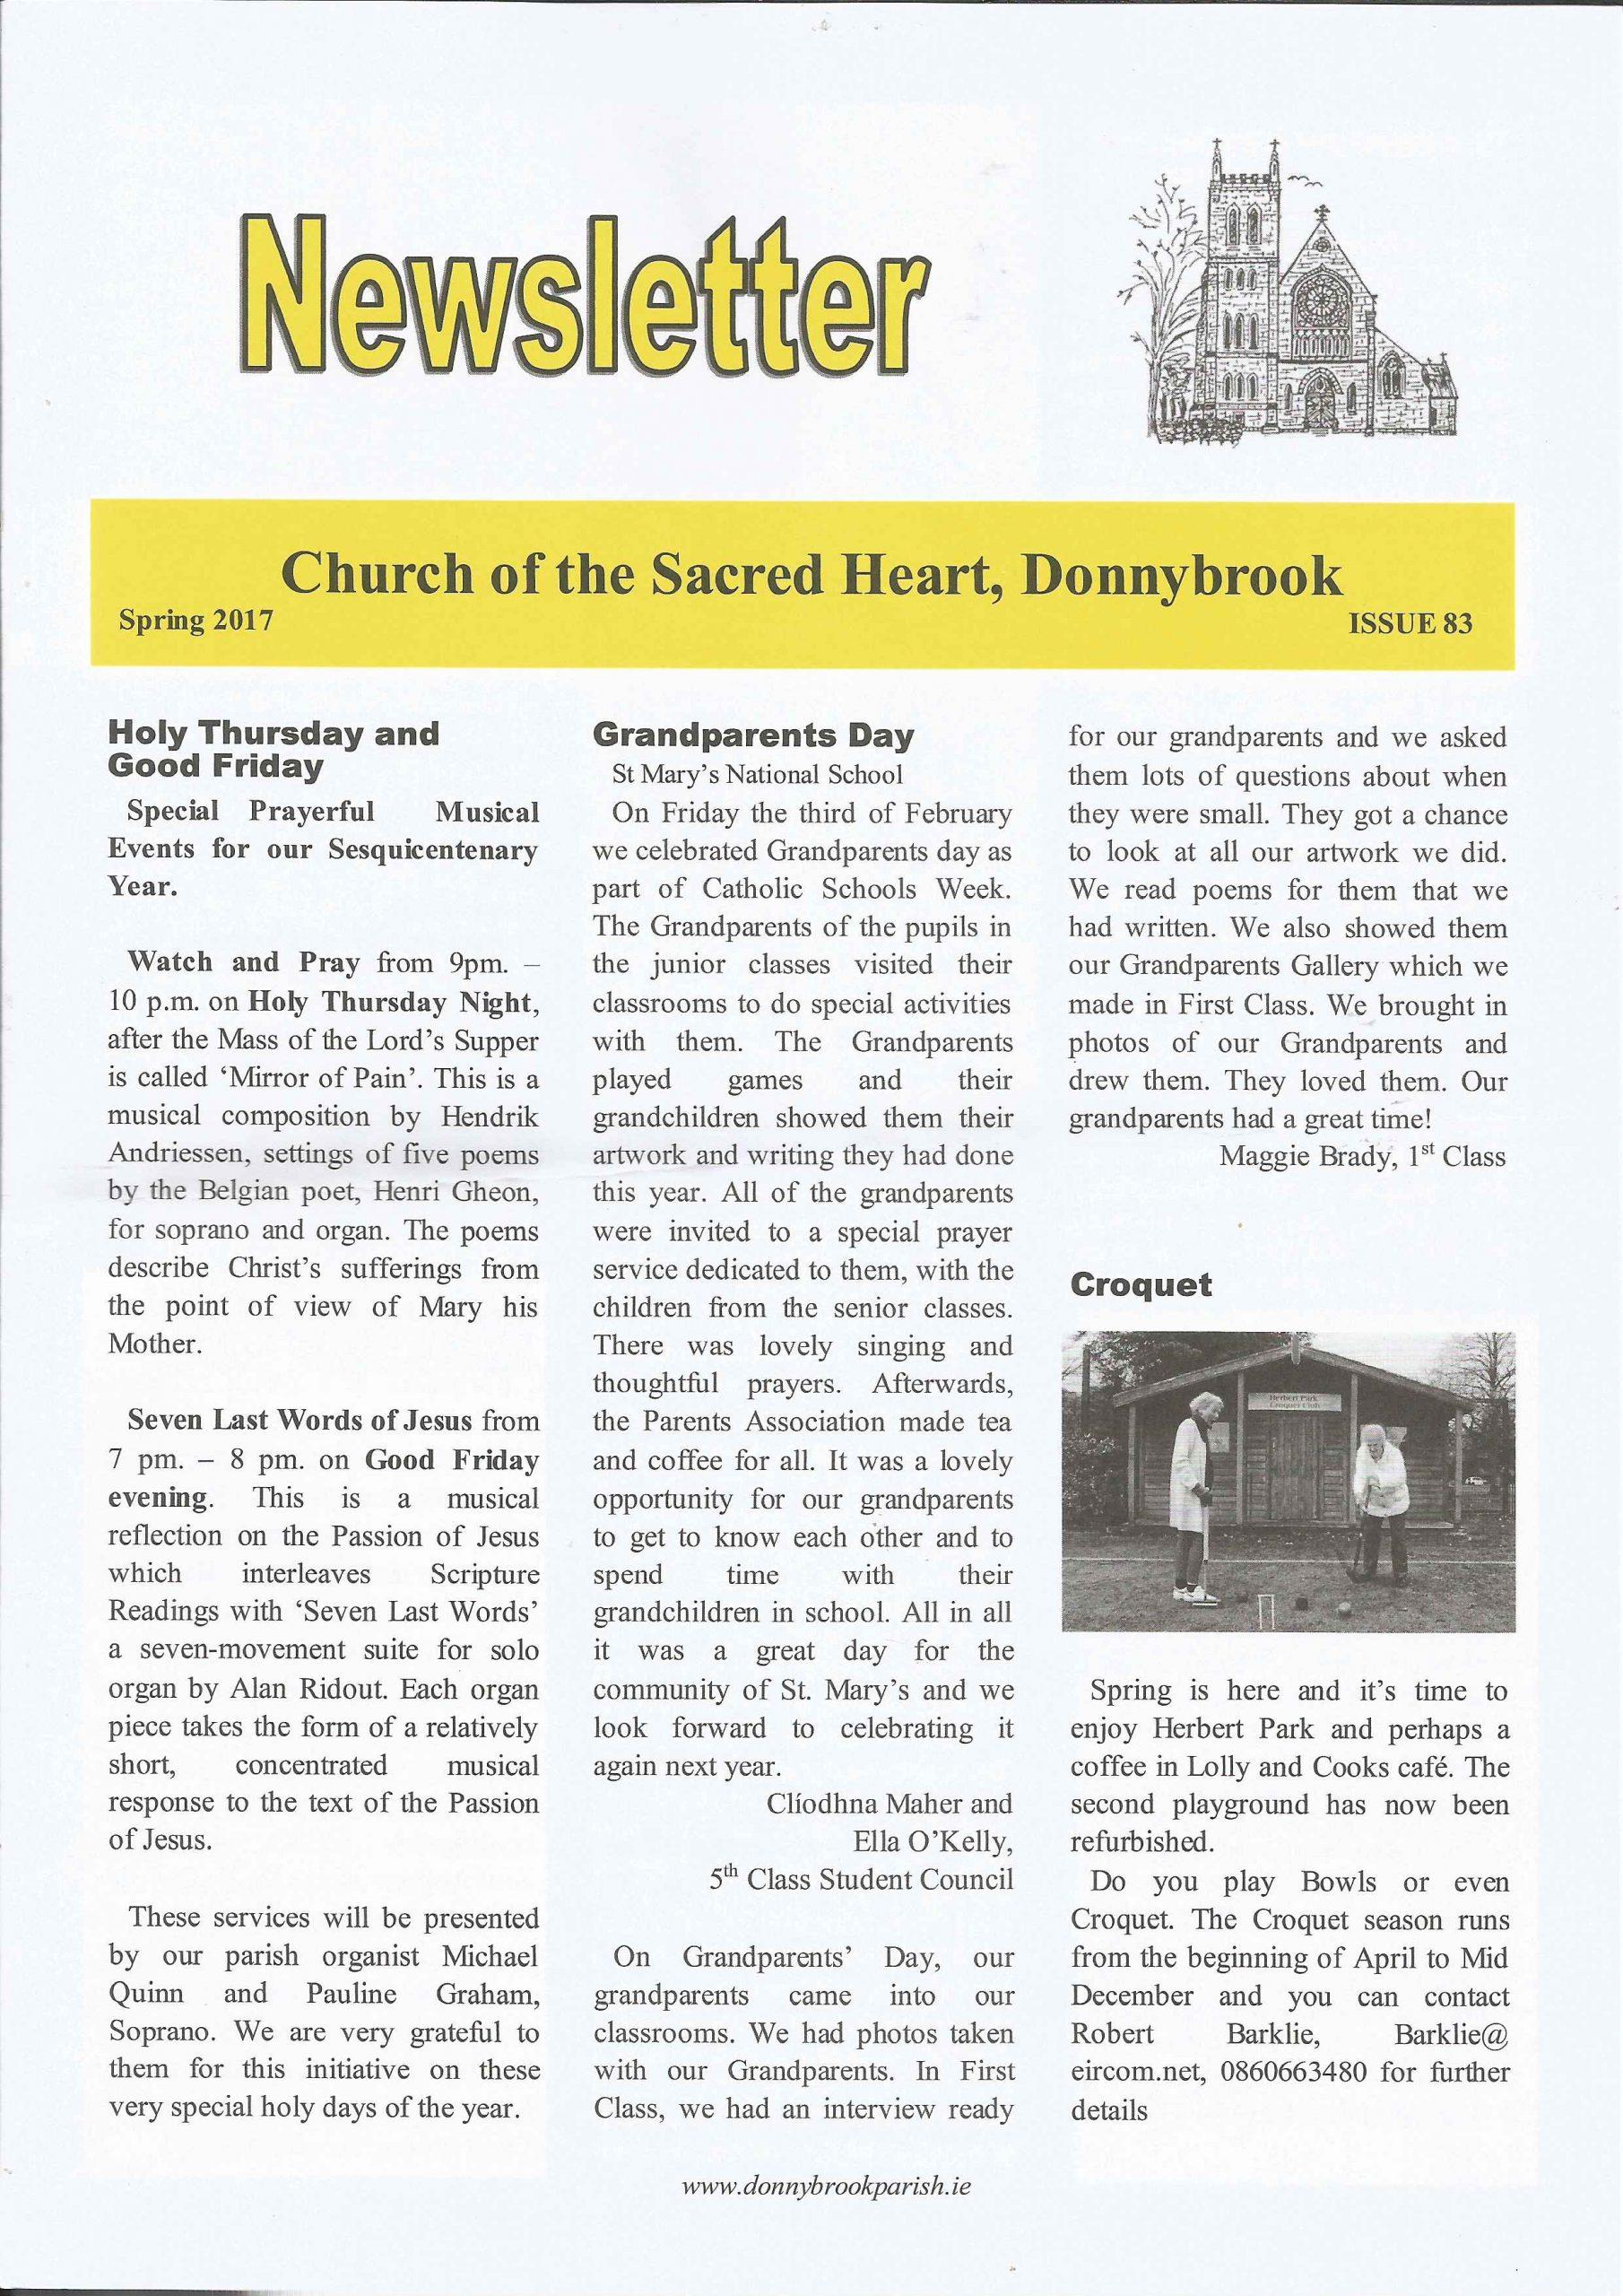 Newsletter 83